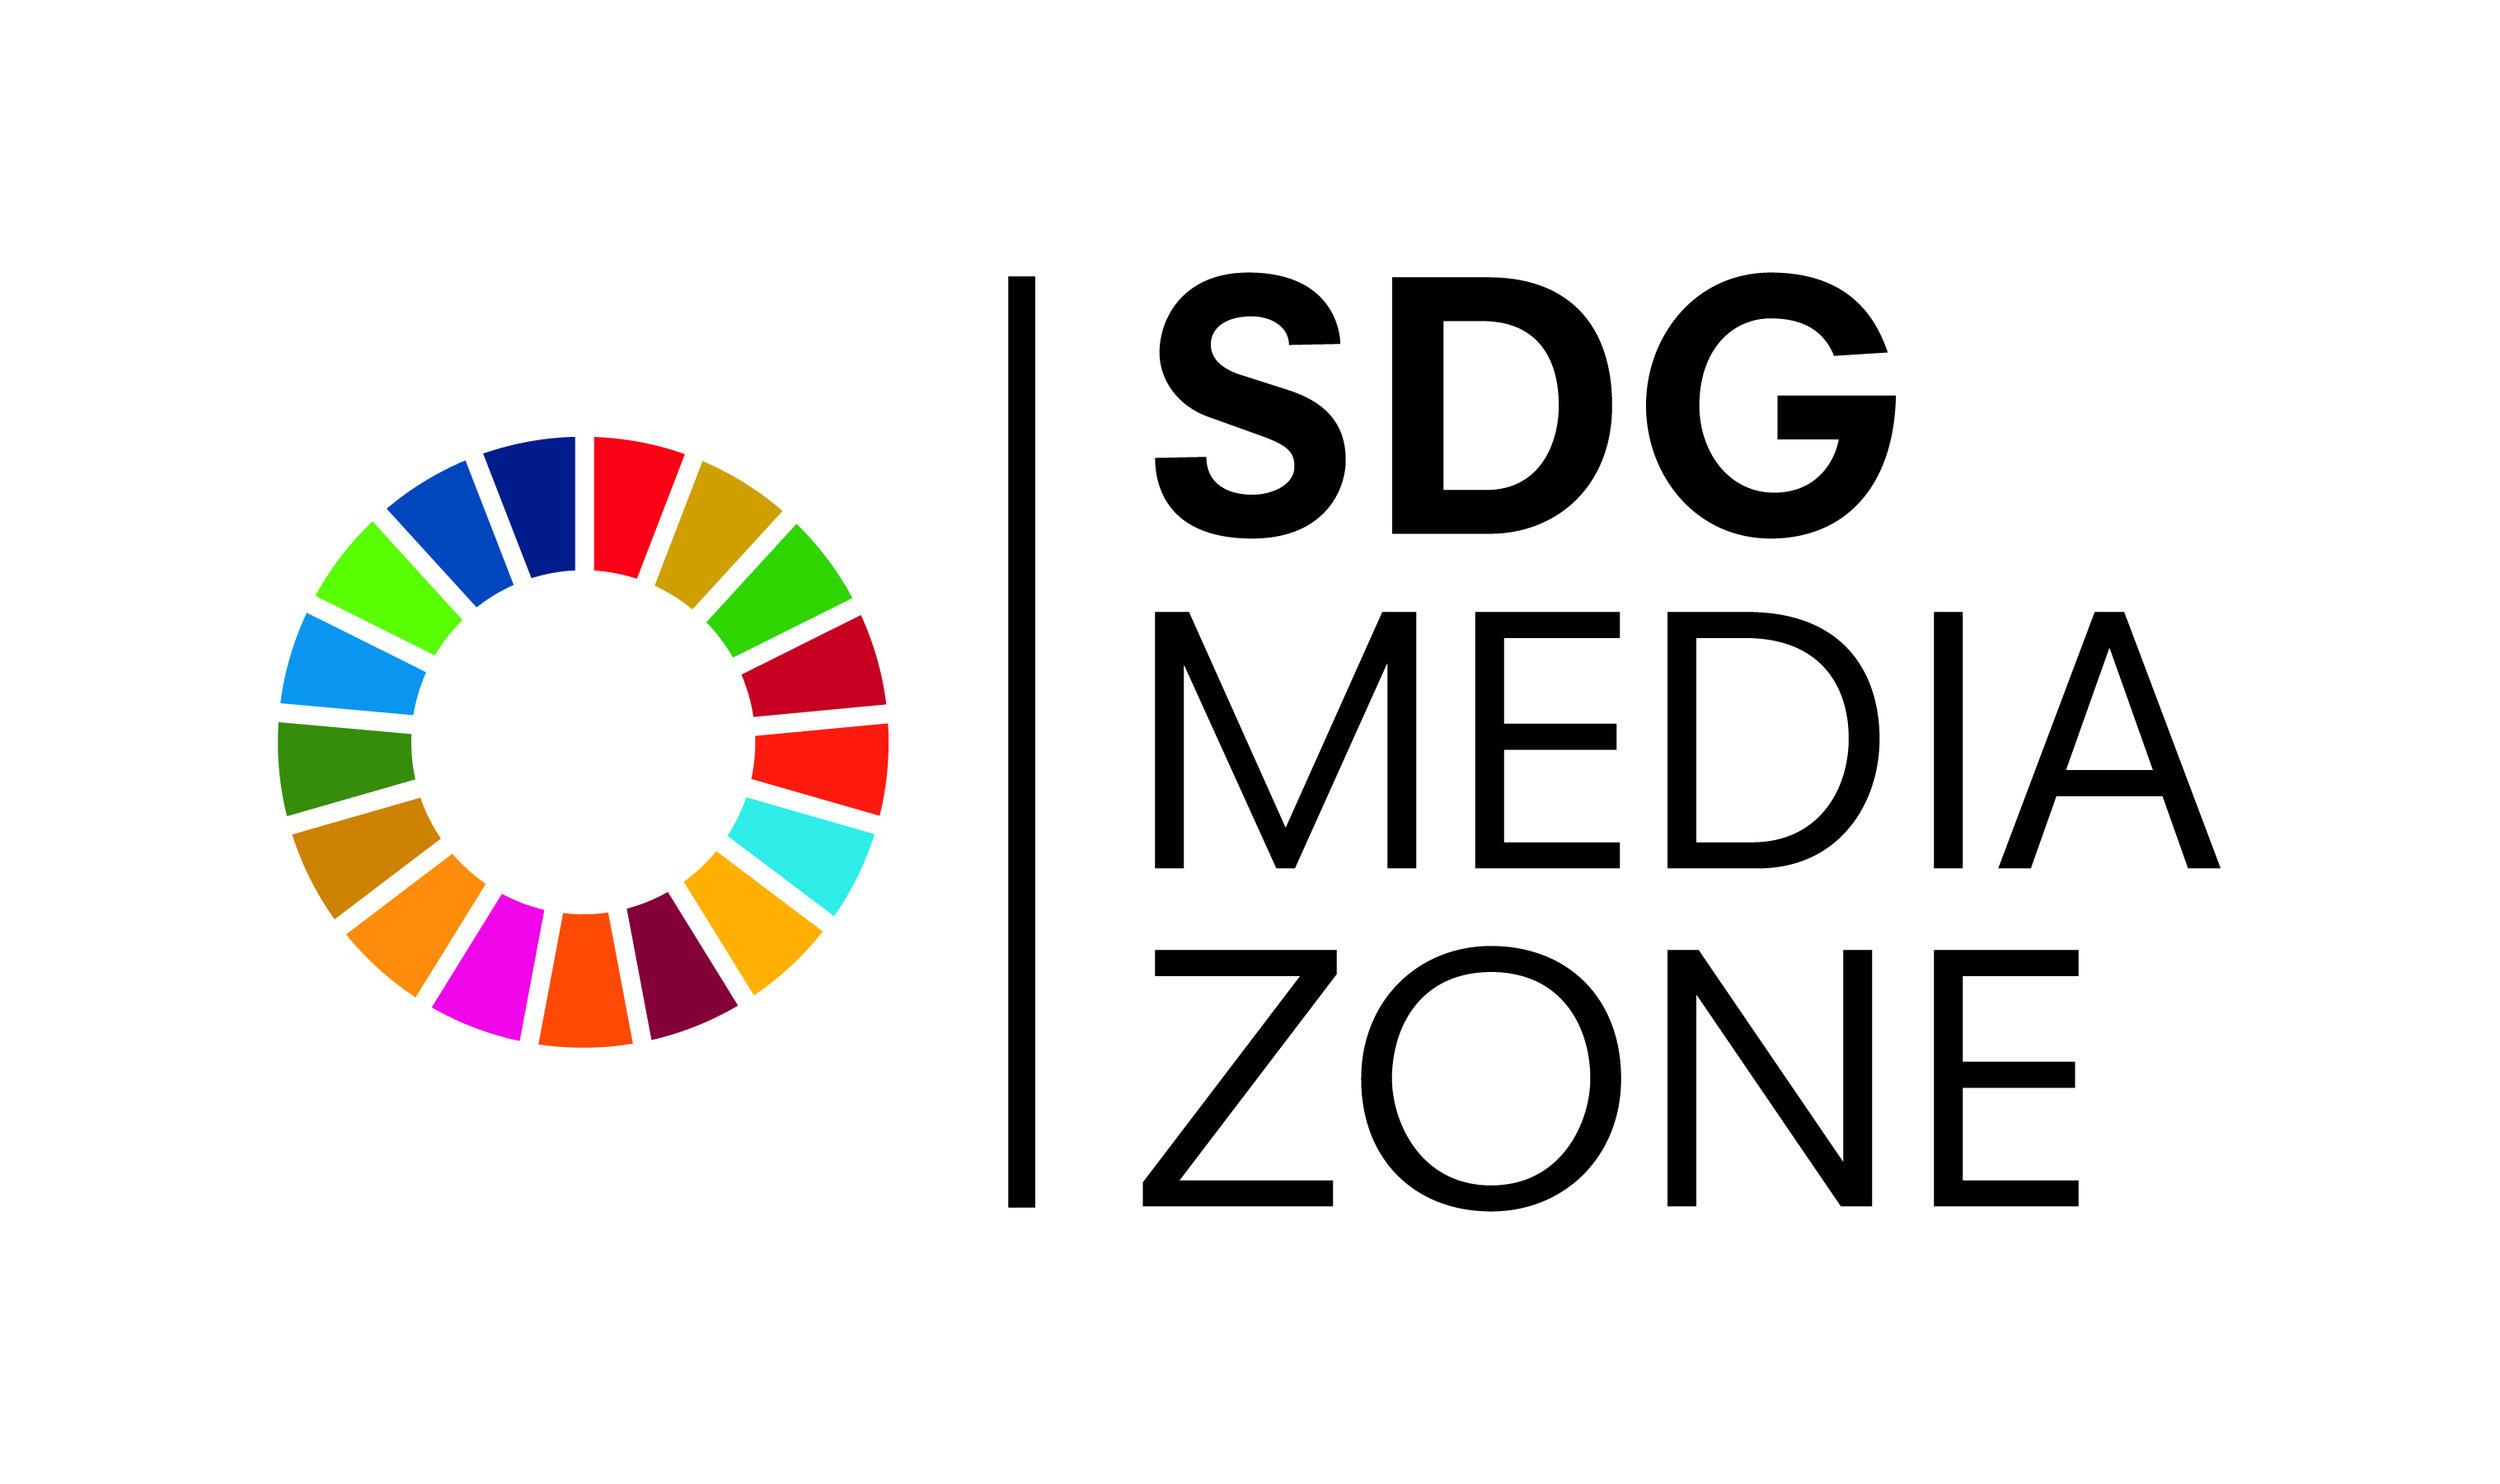 SDG MEDIA ZONE - Learn more …